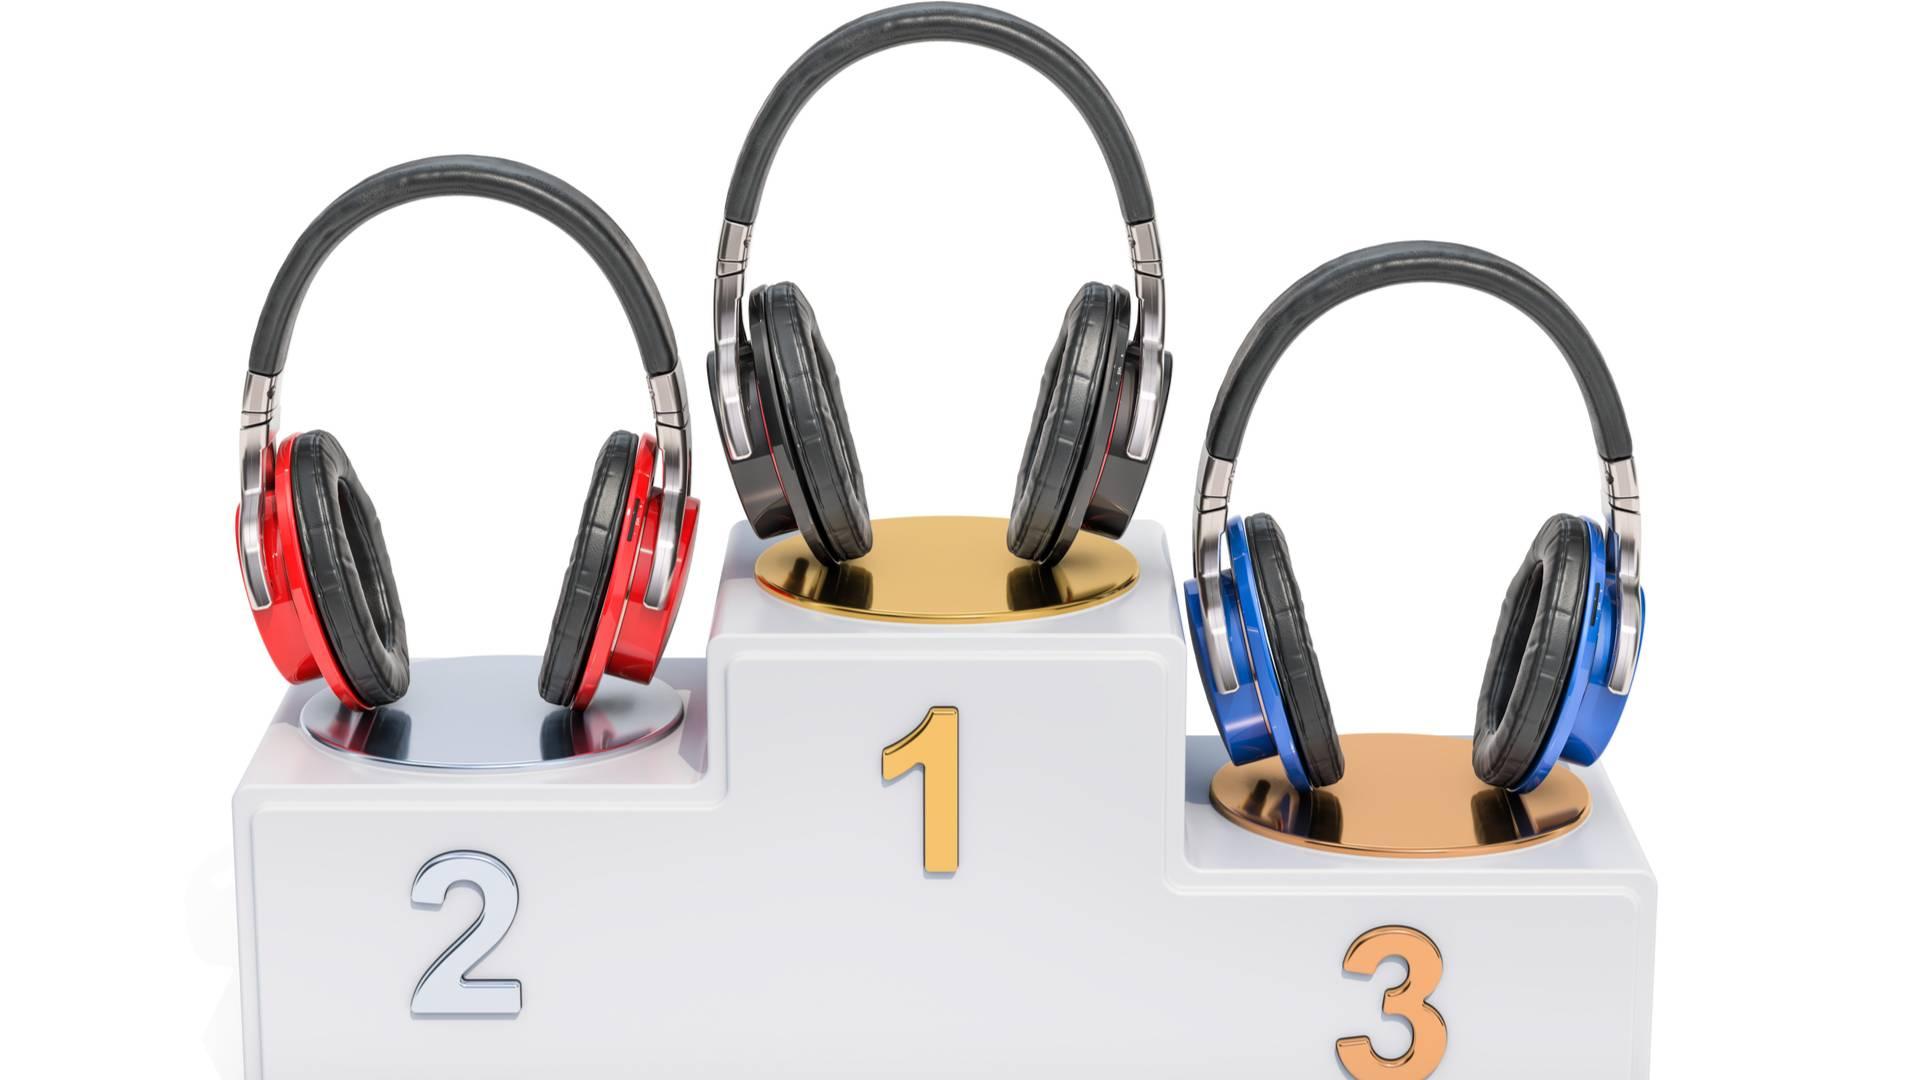 Fones de ouvido em um pódio de primeiro, segundo e terceiro lugar